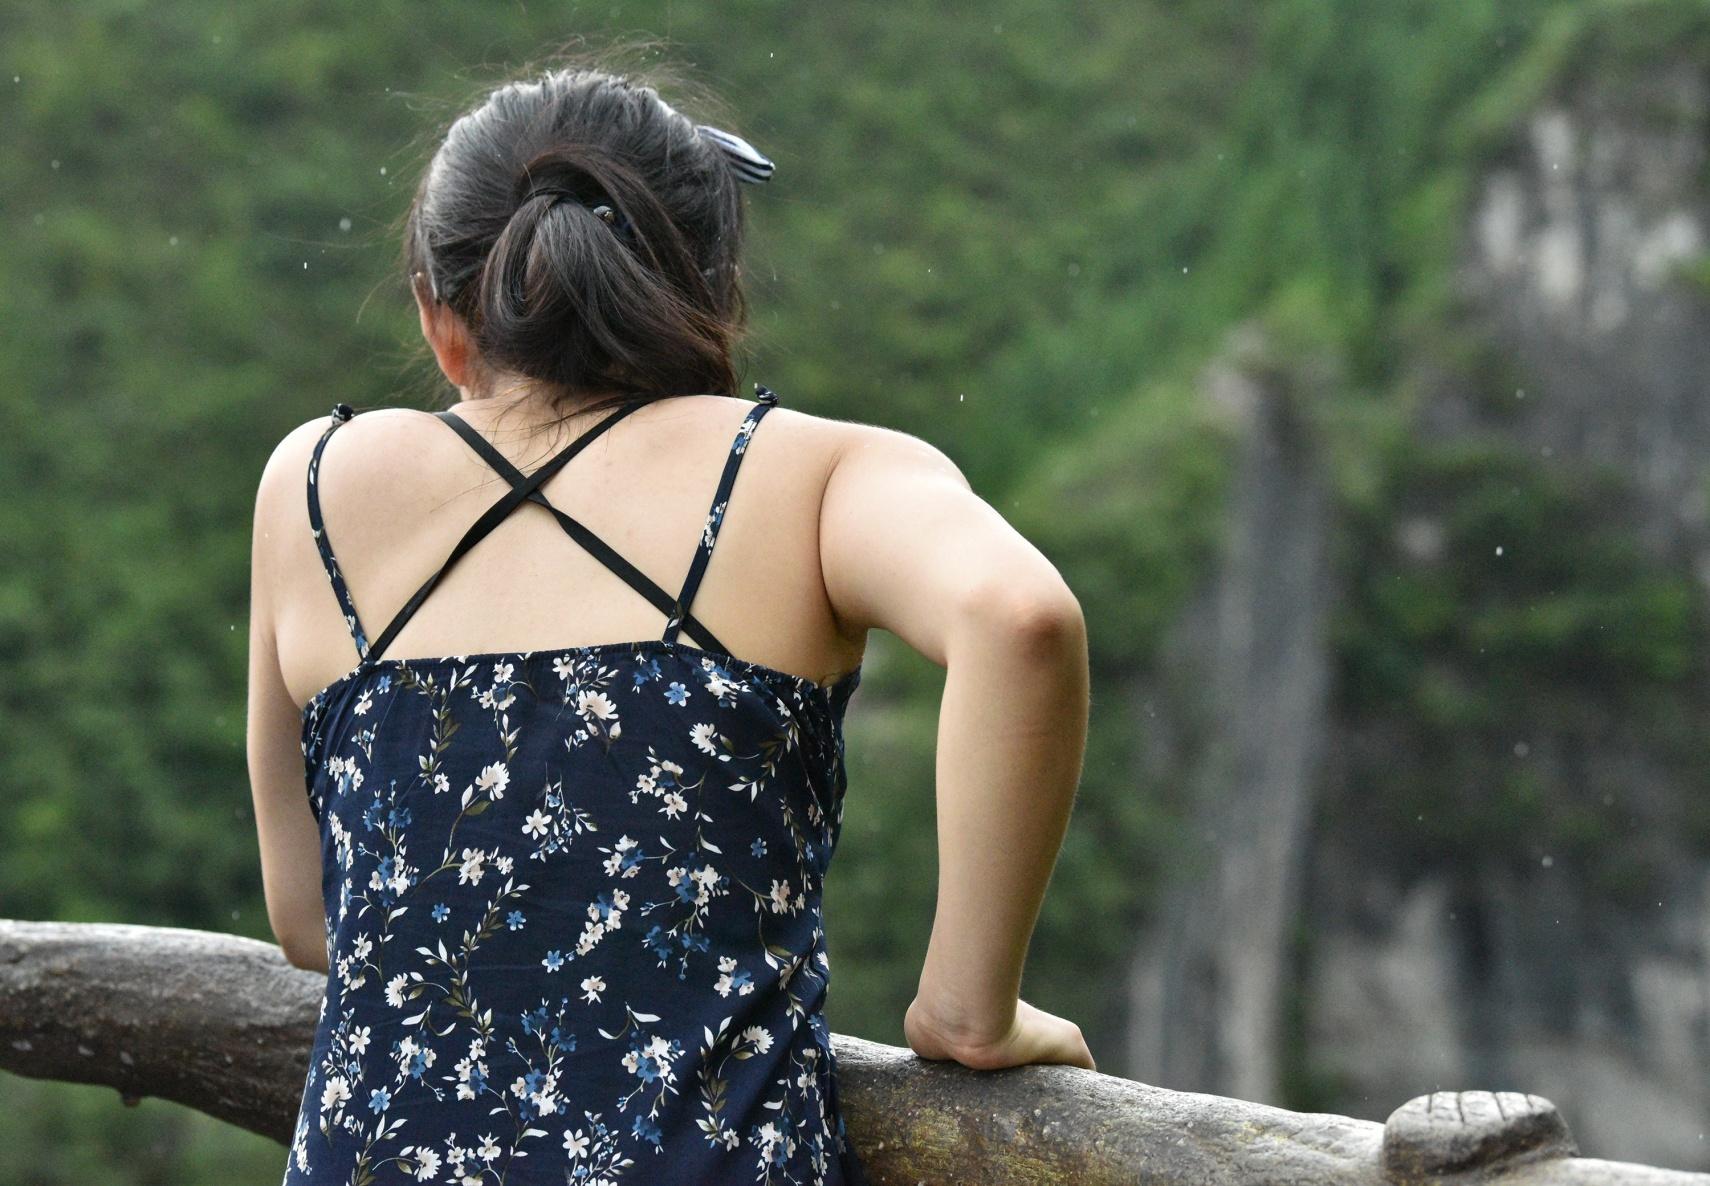 看风景的人在看她的背影[原创]